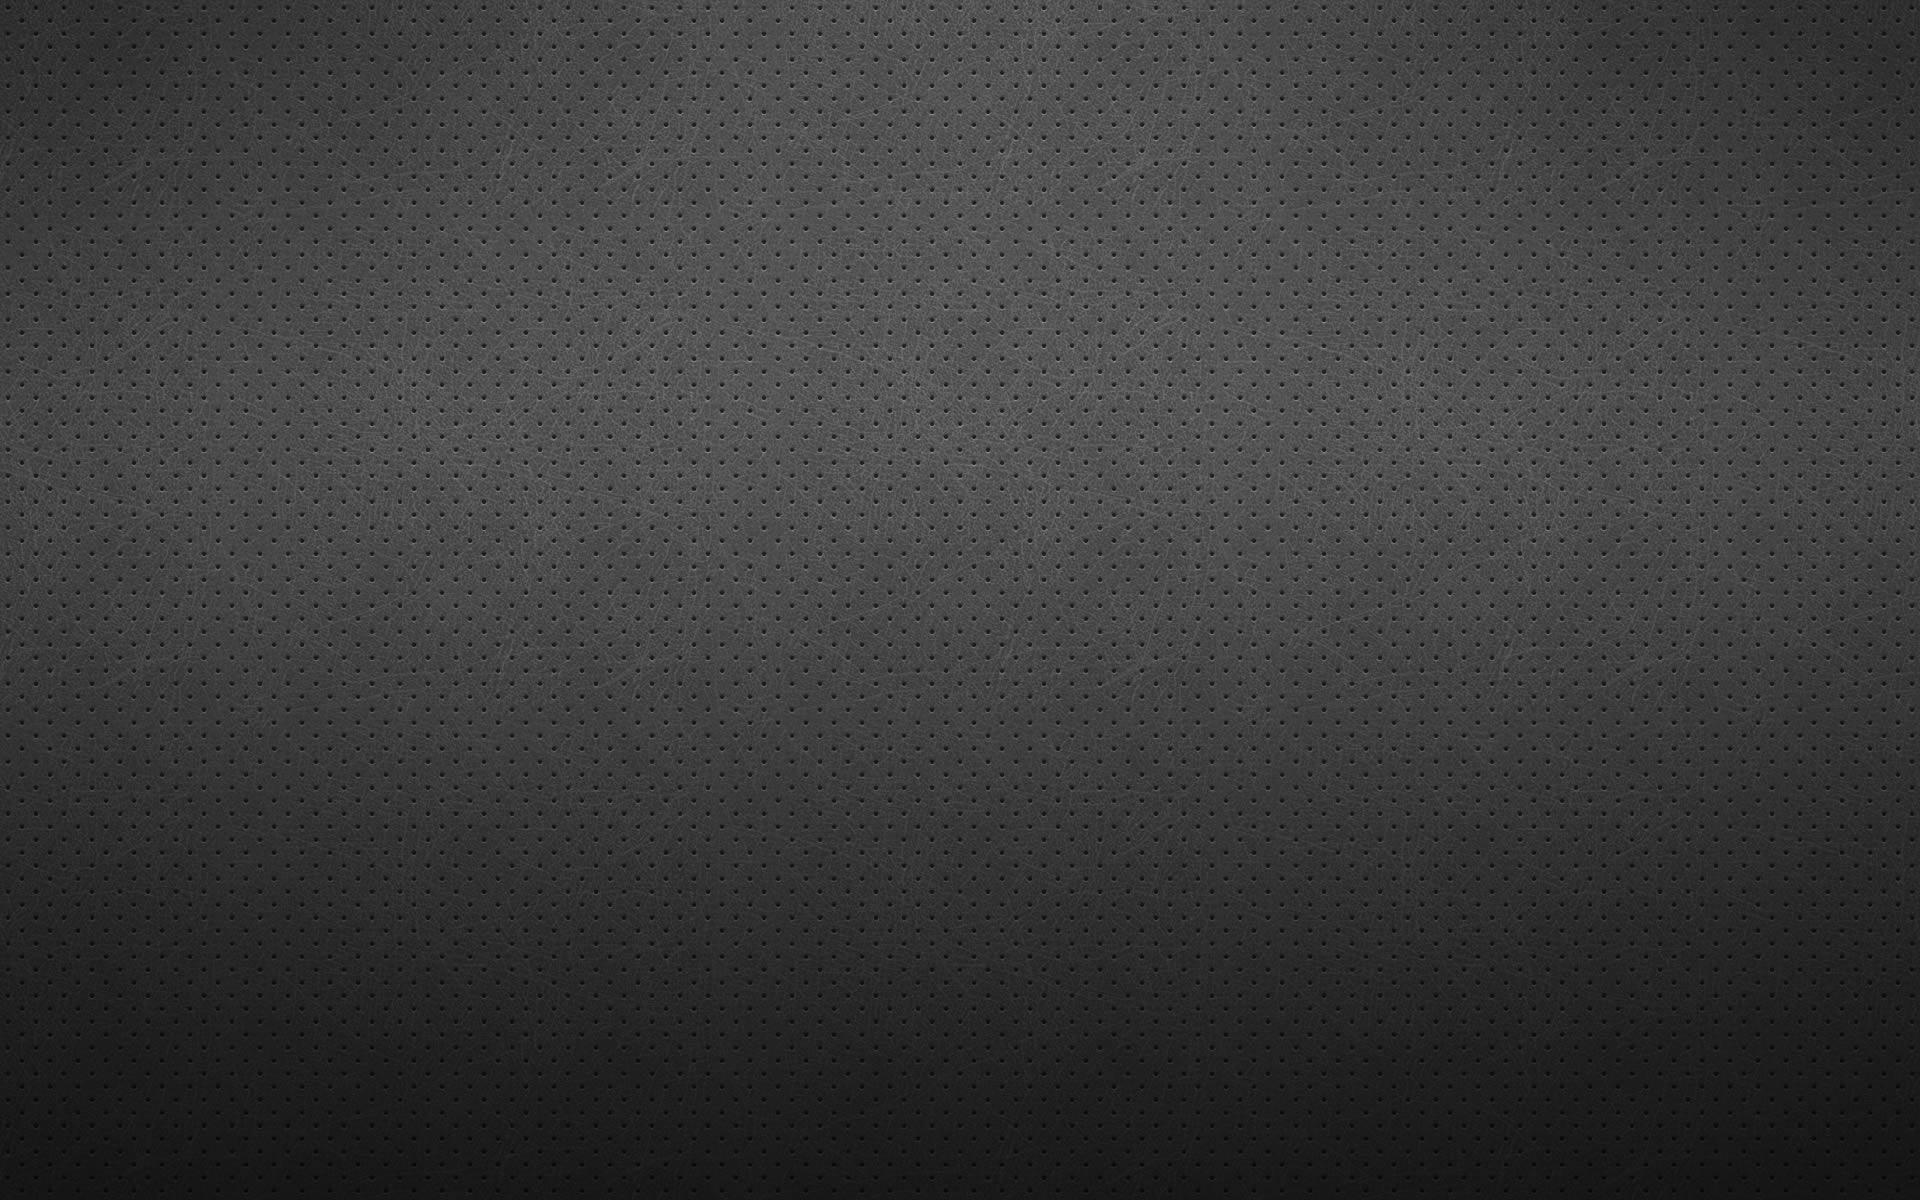 Windows 7 Desktop Background